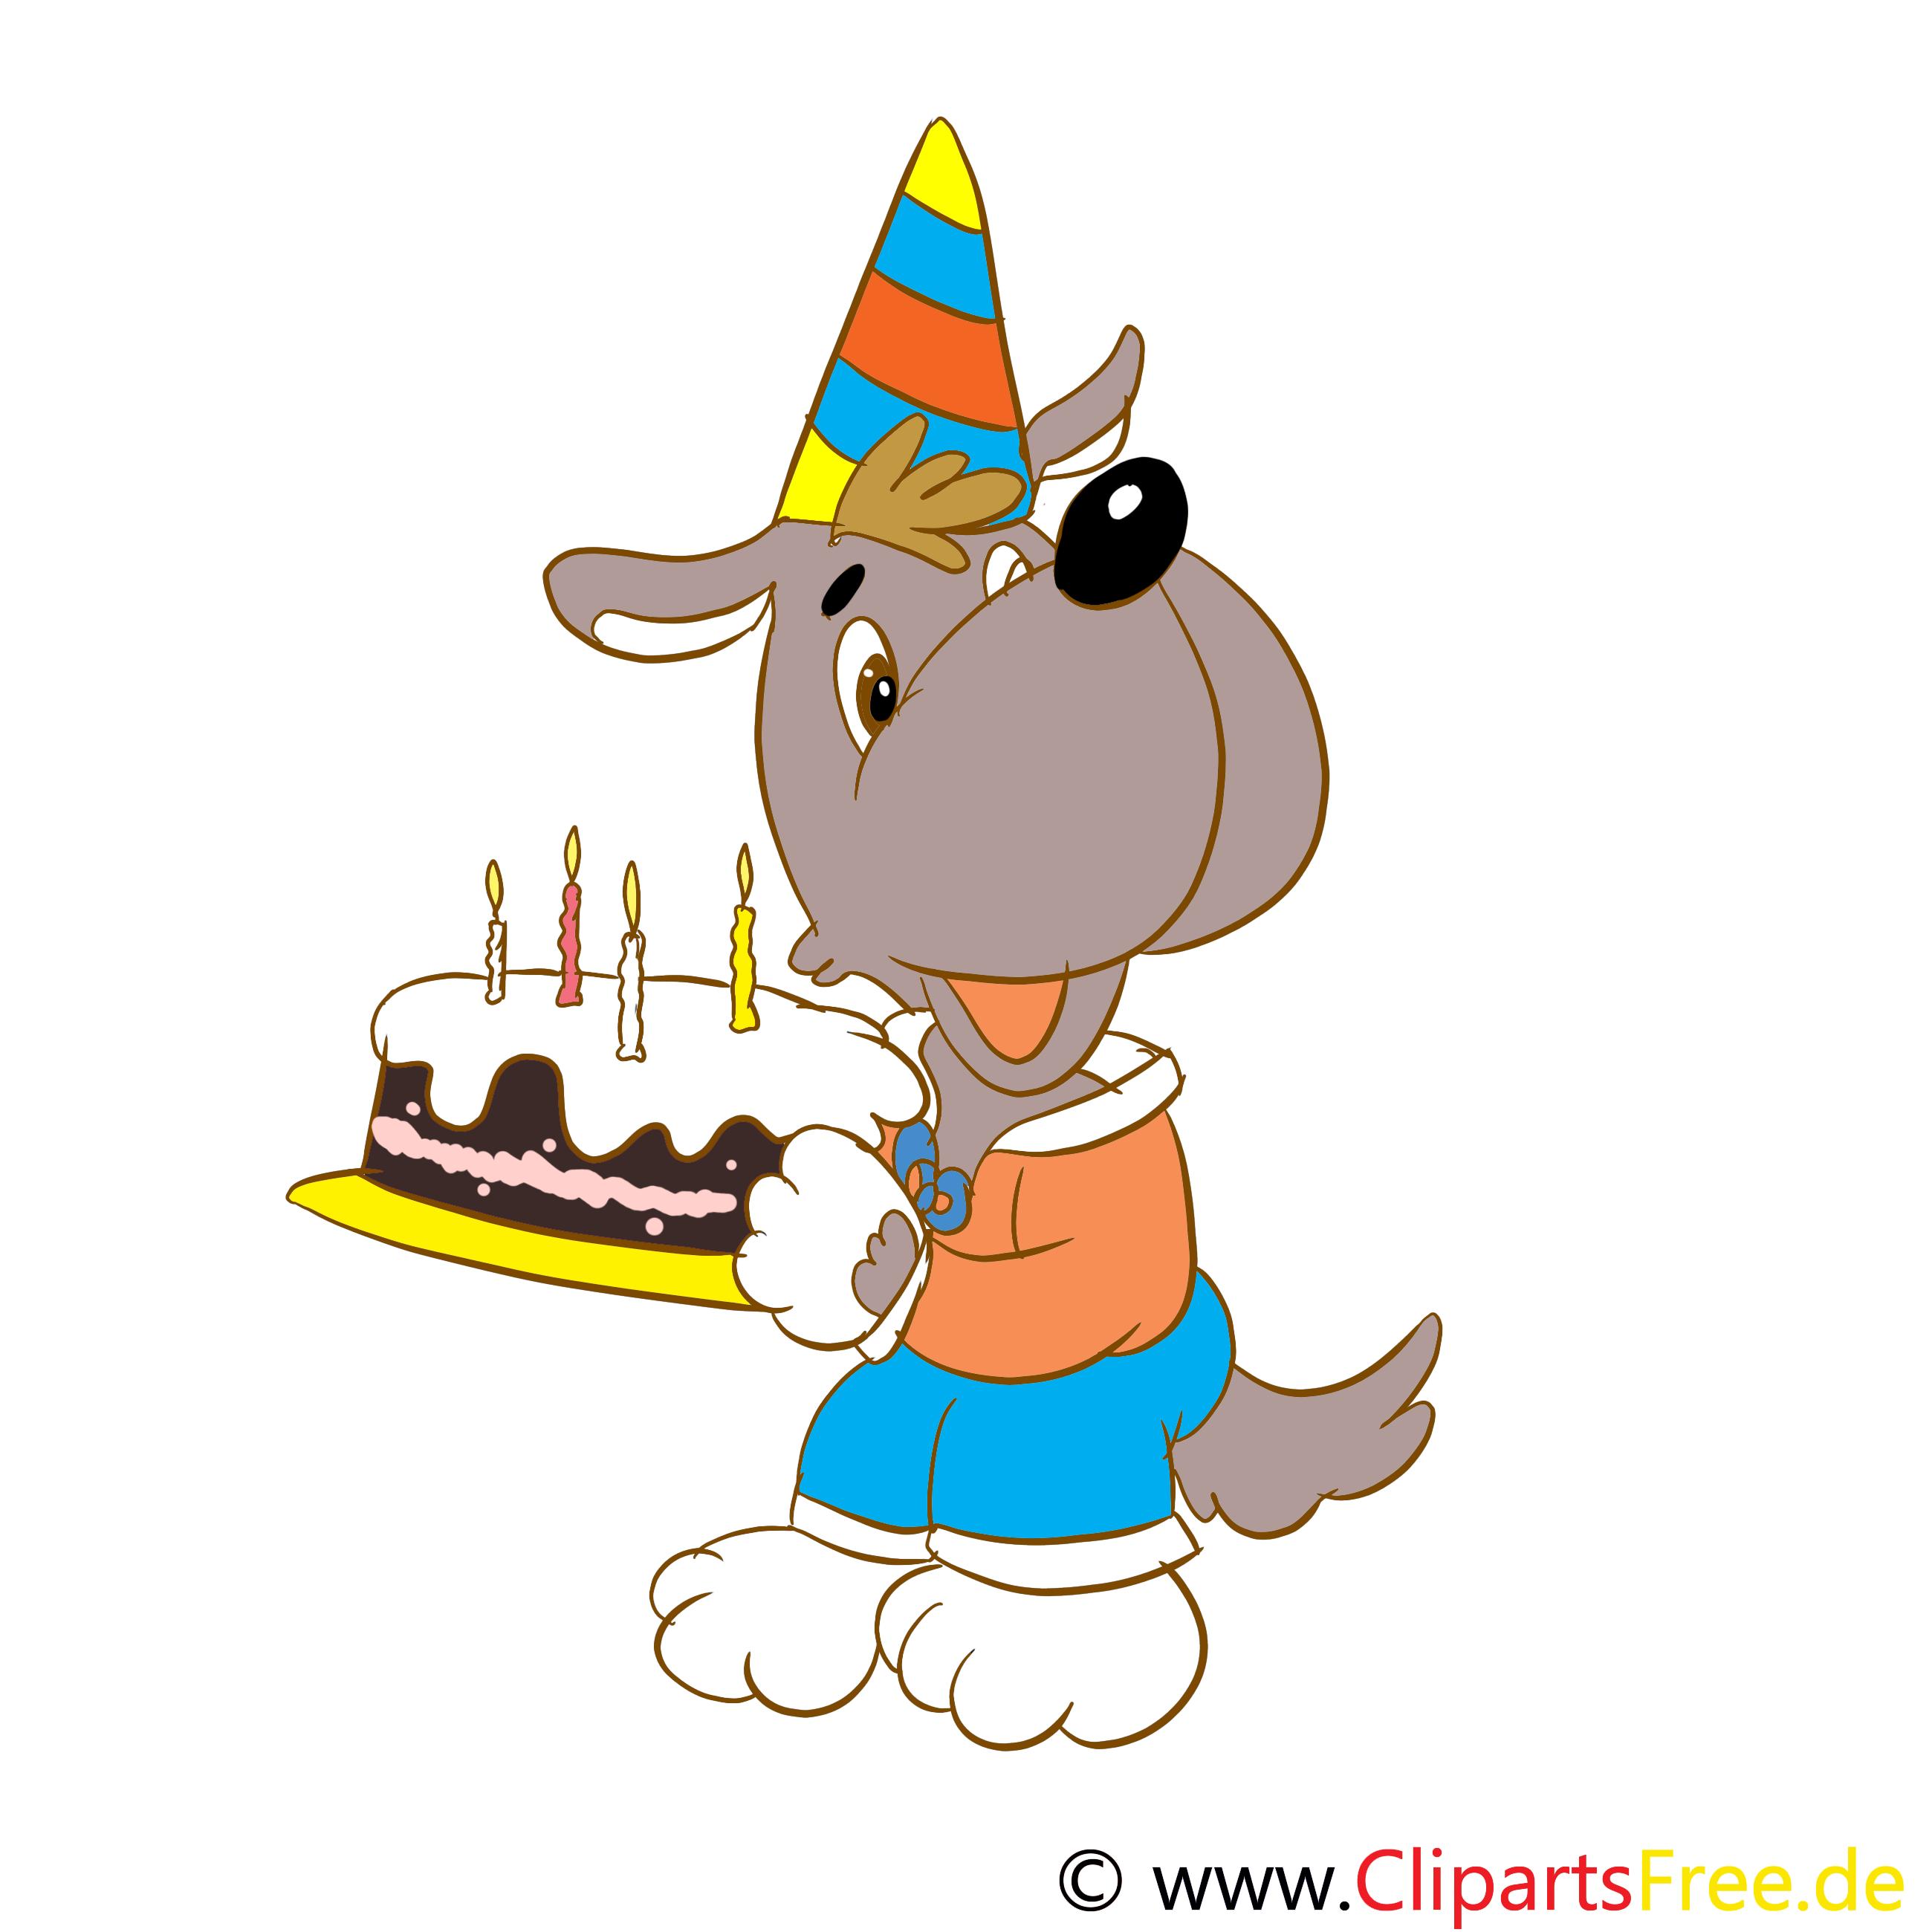 Clipart Kuchen zum Geburtstag gratis zum Runterladen